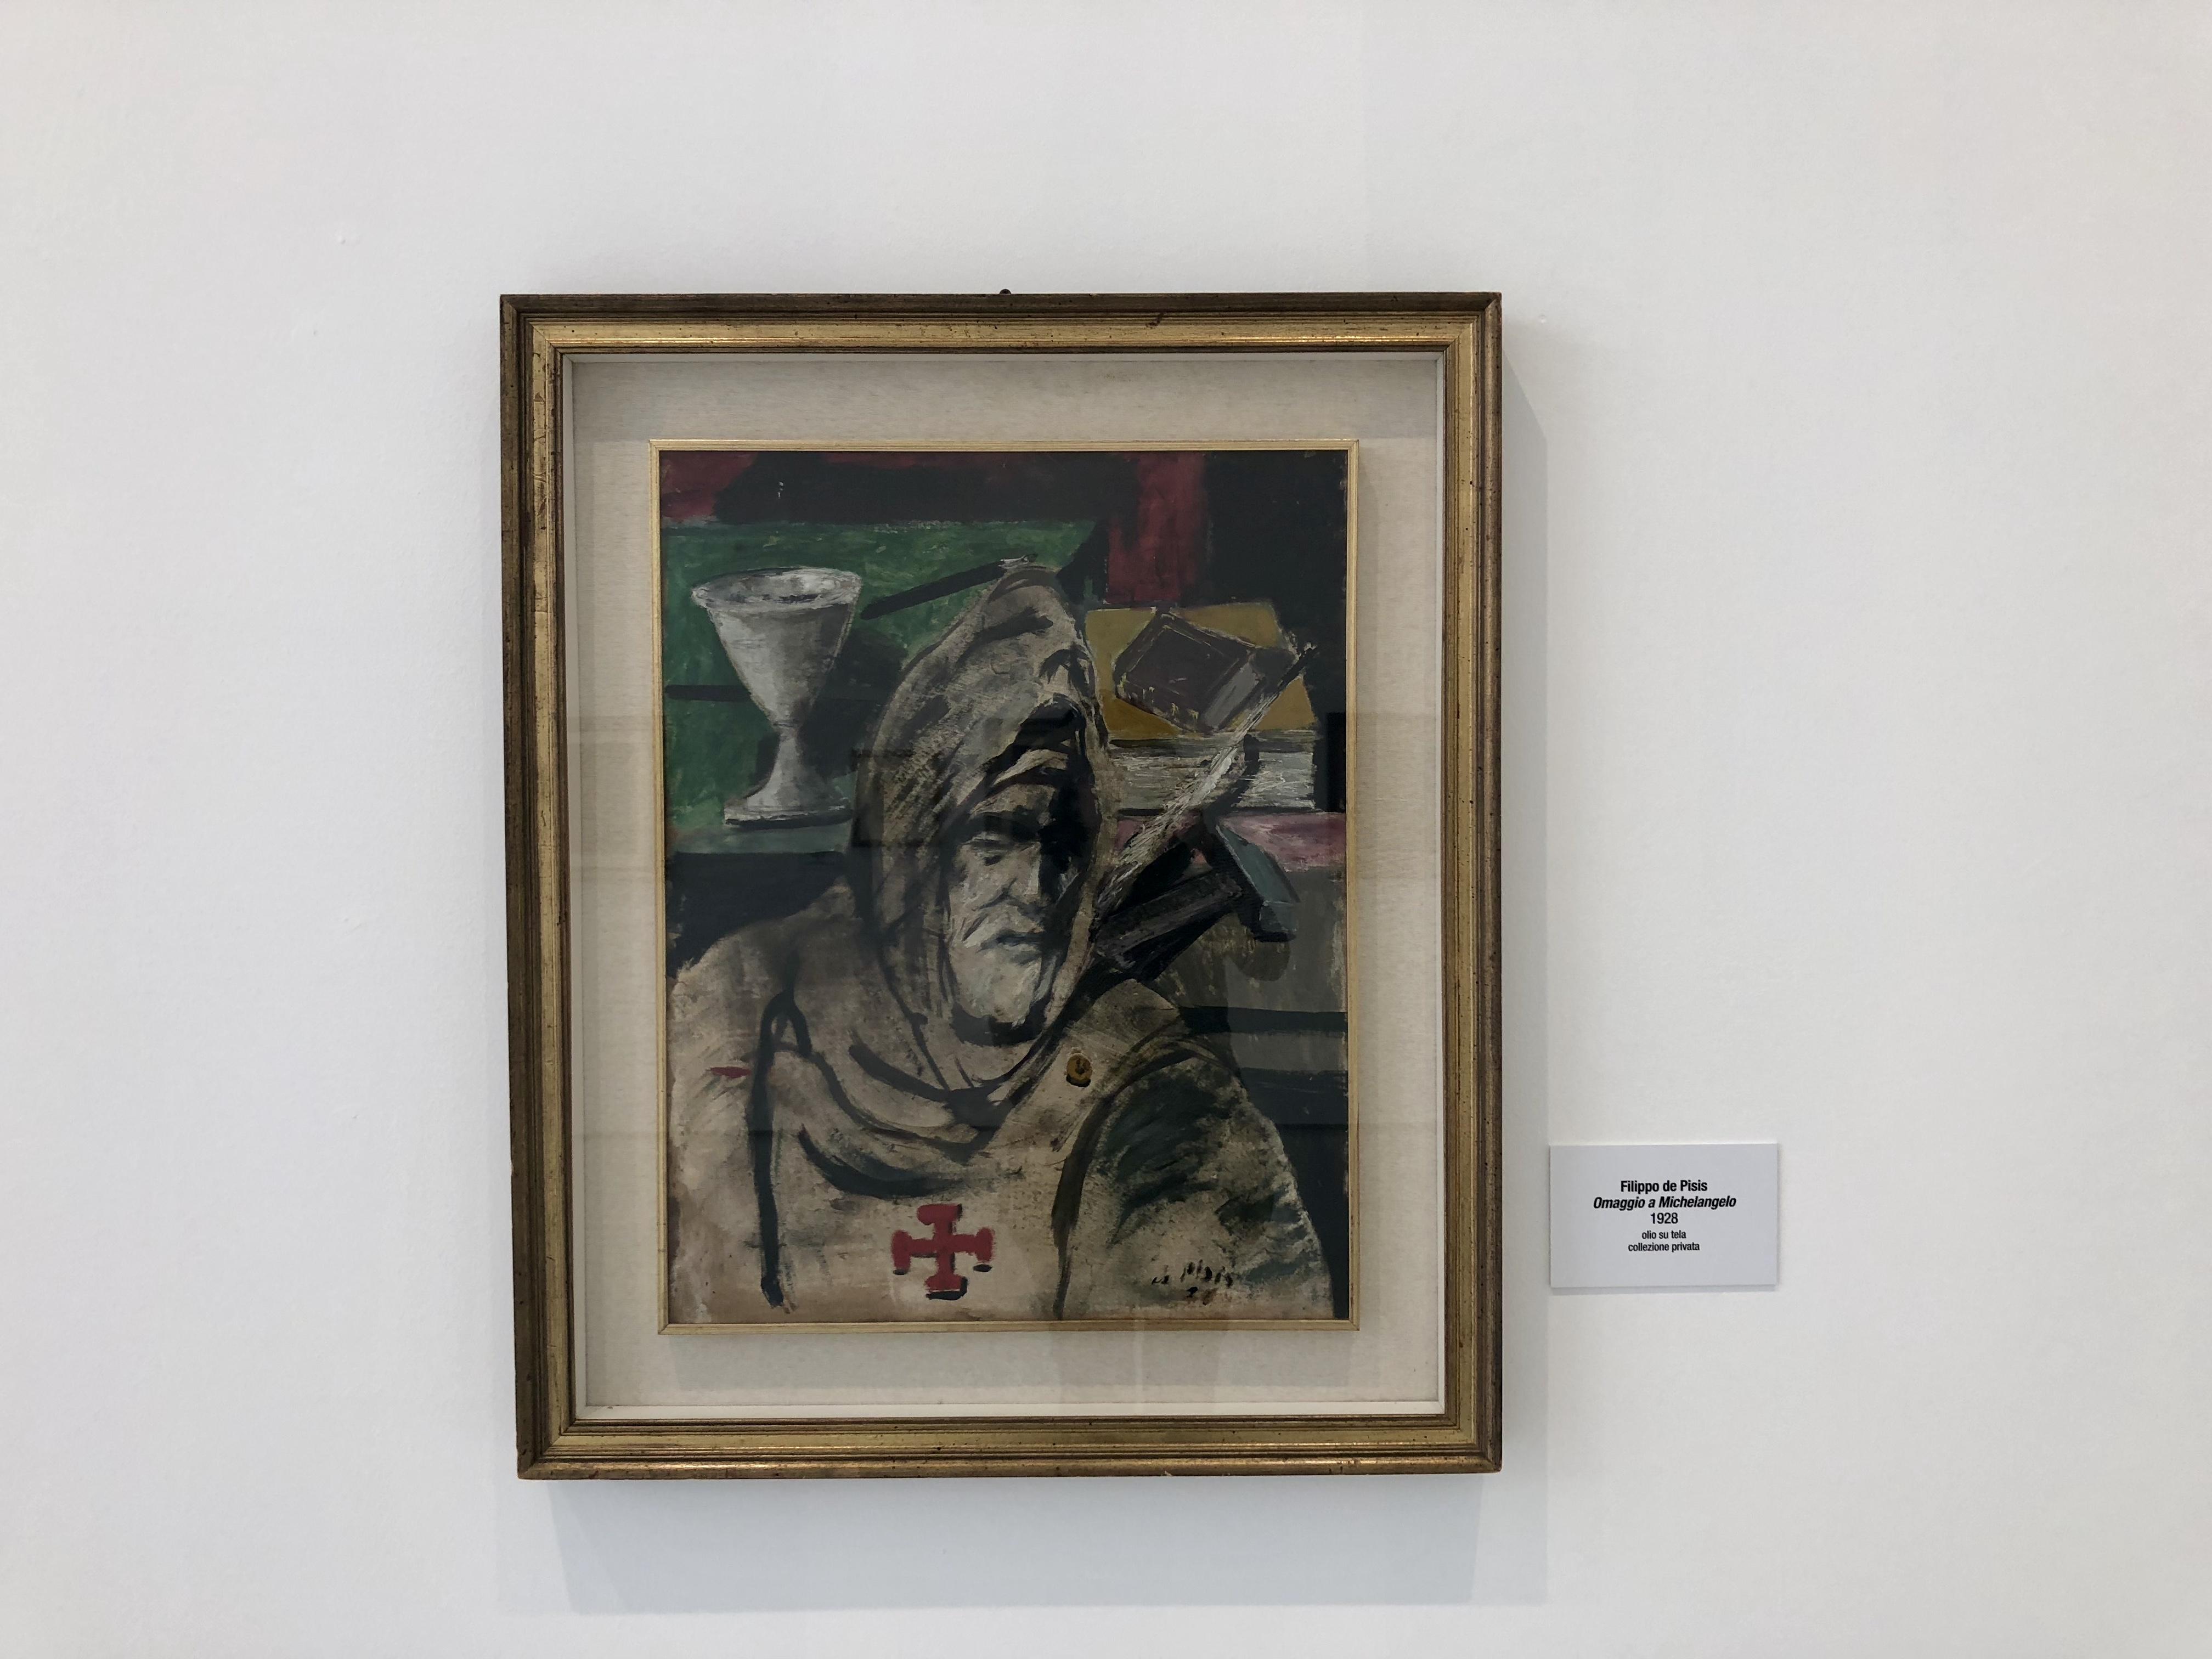 TalentiEventi_Filippo_De_Pisis_Eclettico_connoisseur_fra pittura_ musica_e_poesia_Museo_Ettore_Fico_22